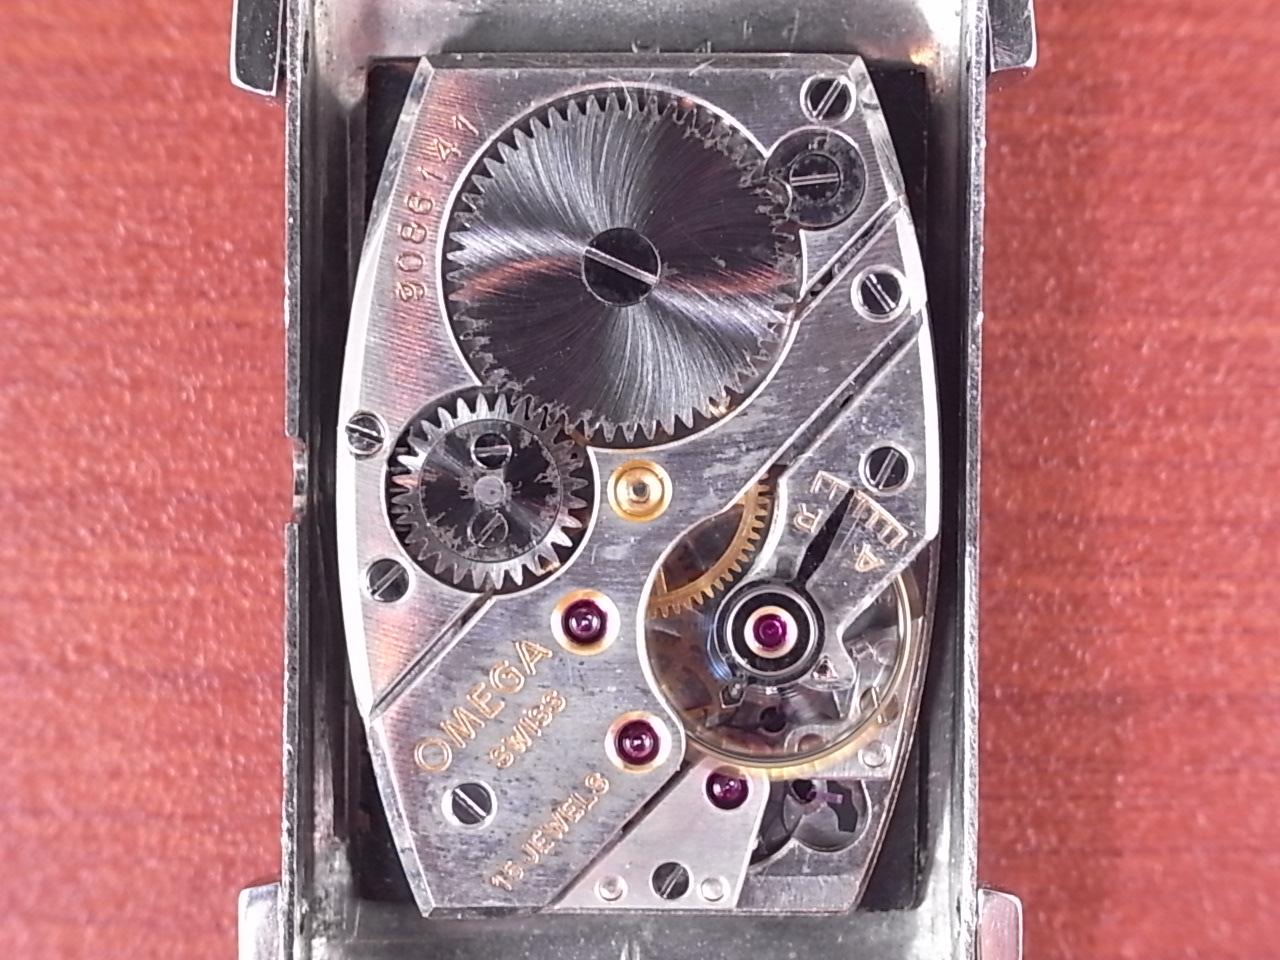 オメガ レクタンギュラー フレキシブルラグ キャリバーT17 1930年代の写真5枚目